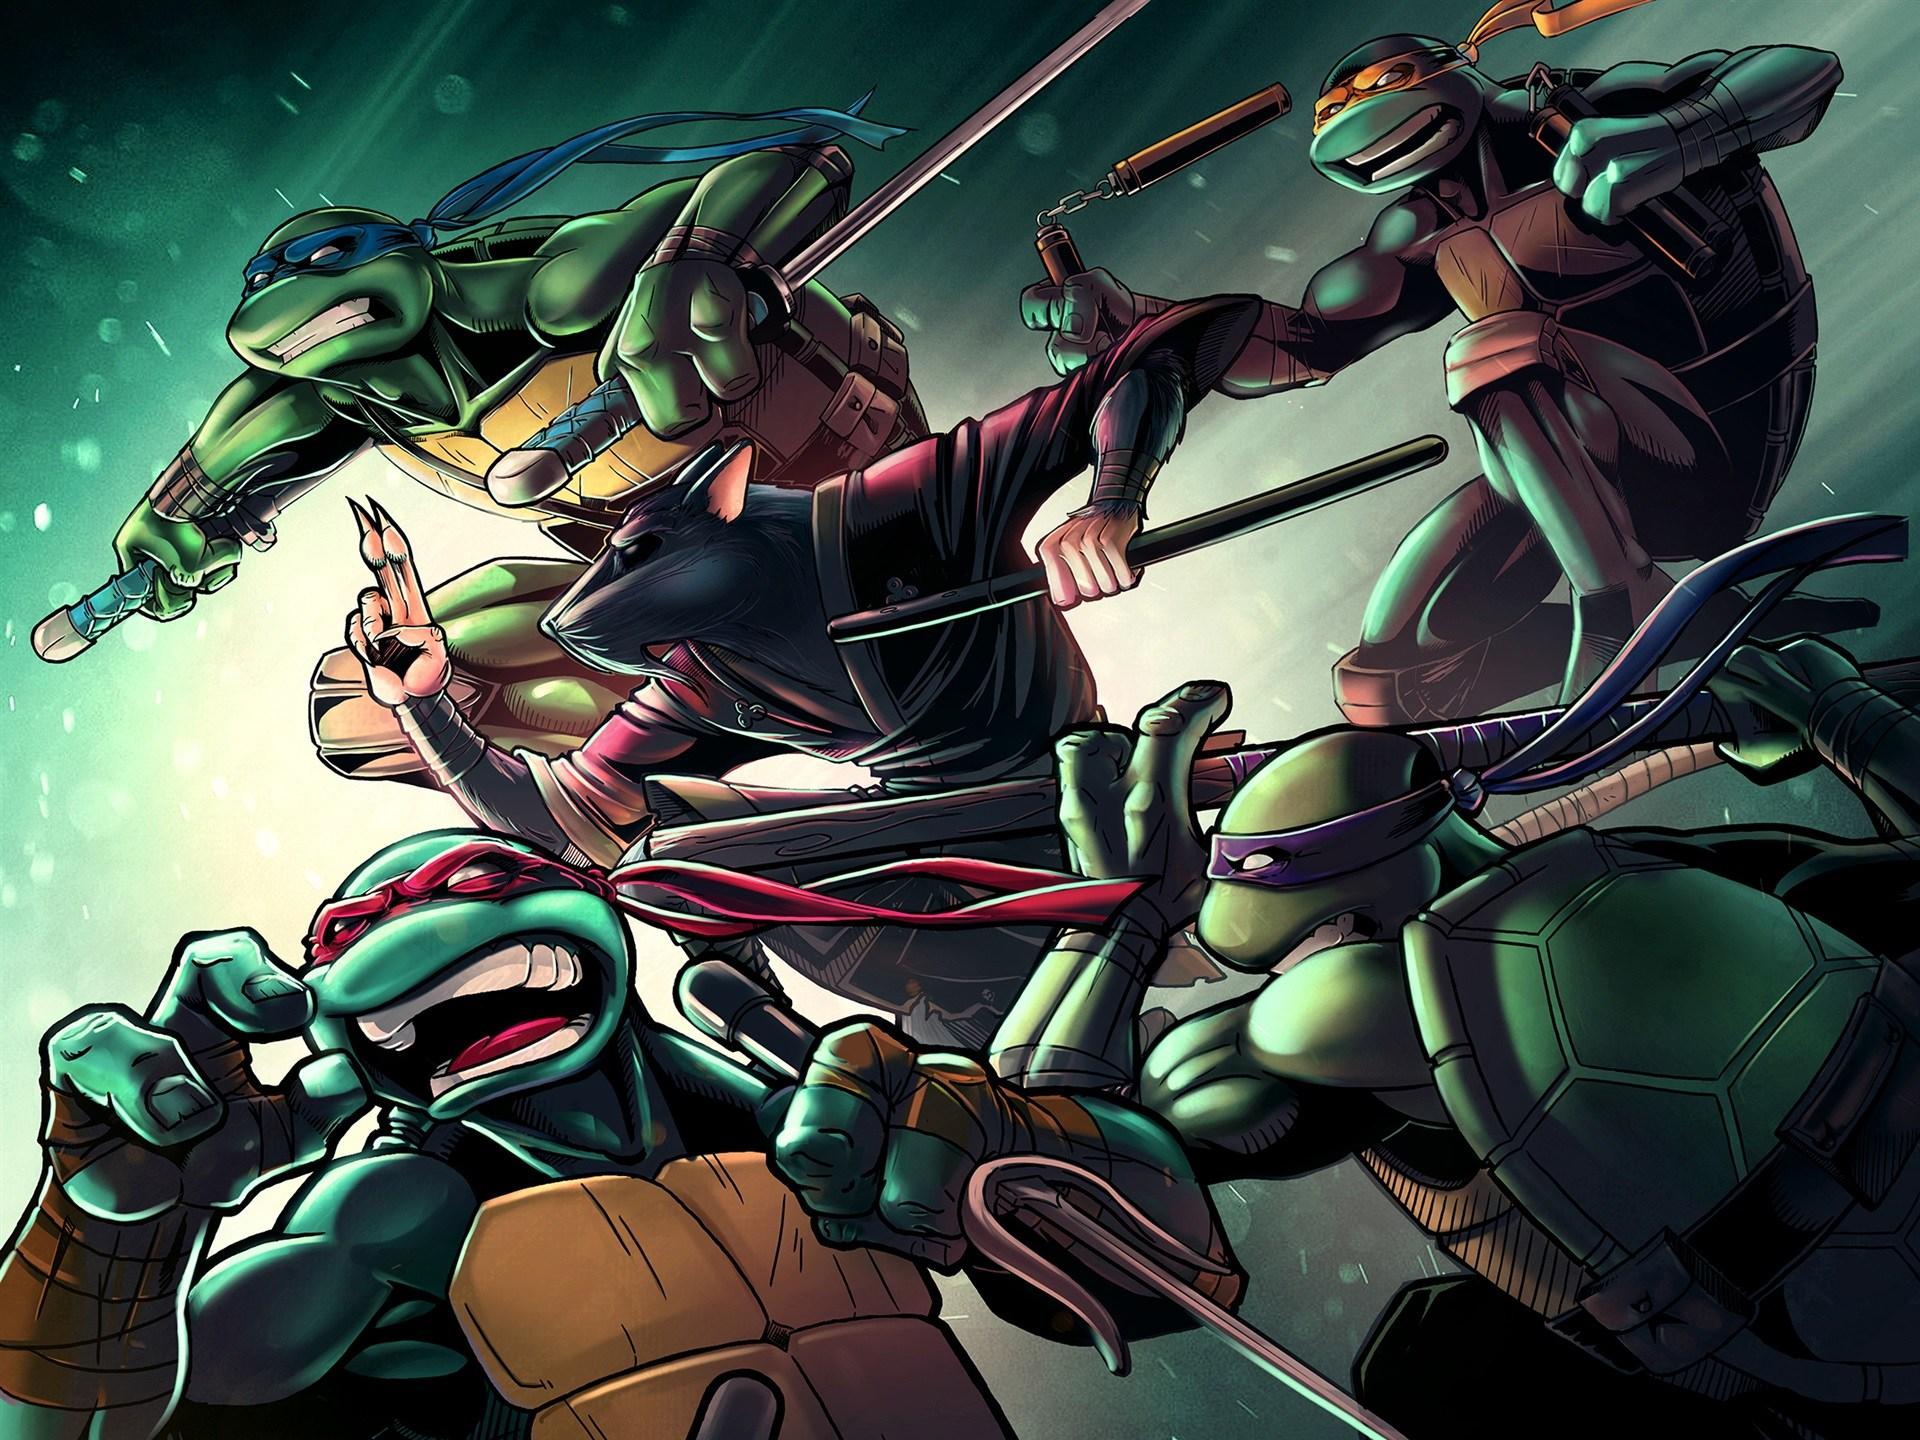 Download Kochou Shinobu Kimetsu No Yaiba Ninja Ninja Turtles Poster 1920x1440 Download Hd Wallpaper Wallpapertip